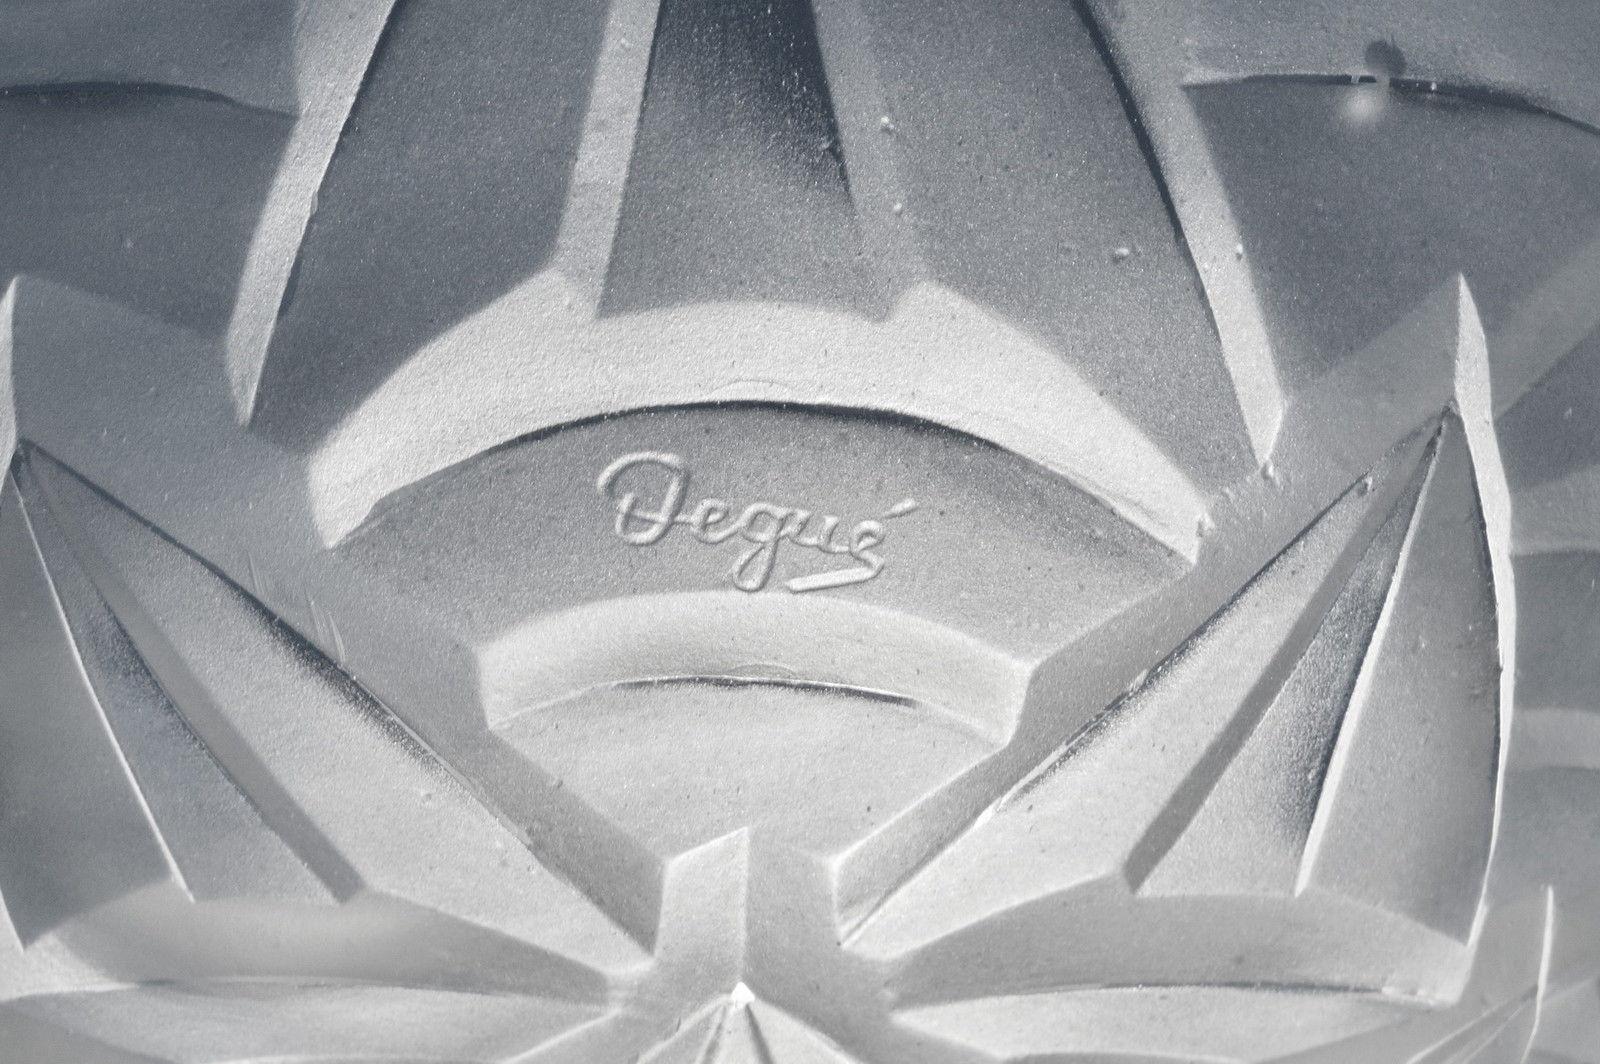 ドュゲ(Degue)幾何学模様のアンティーク照明 ペンダントシャンデリアのサイン